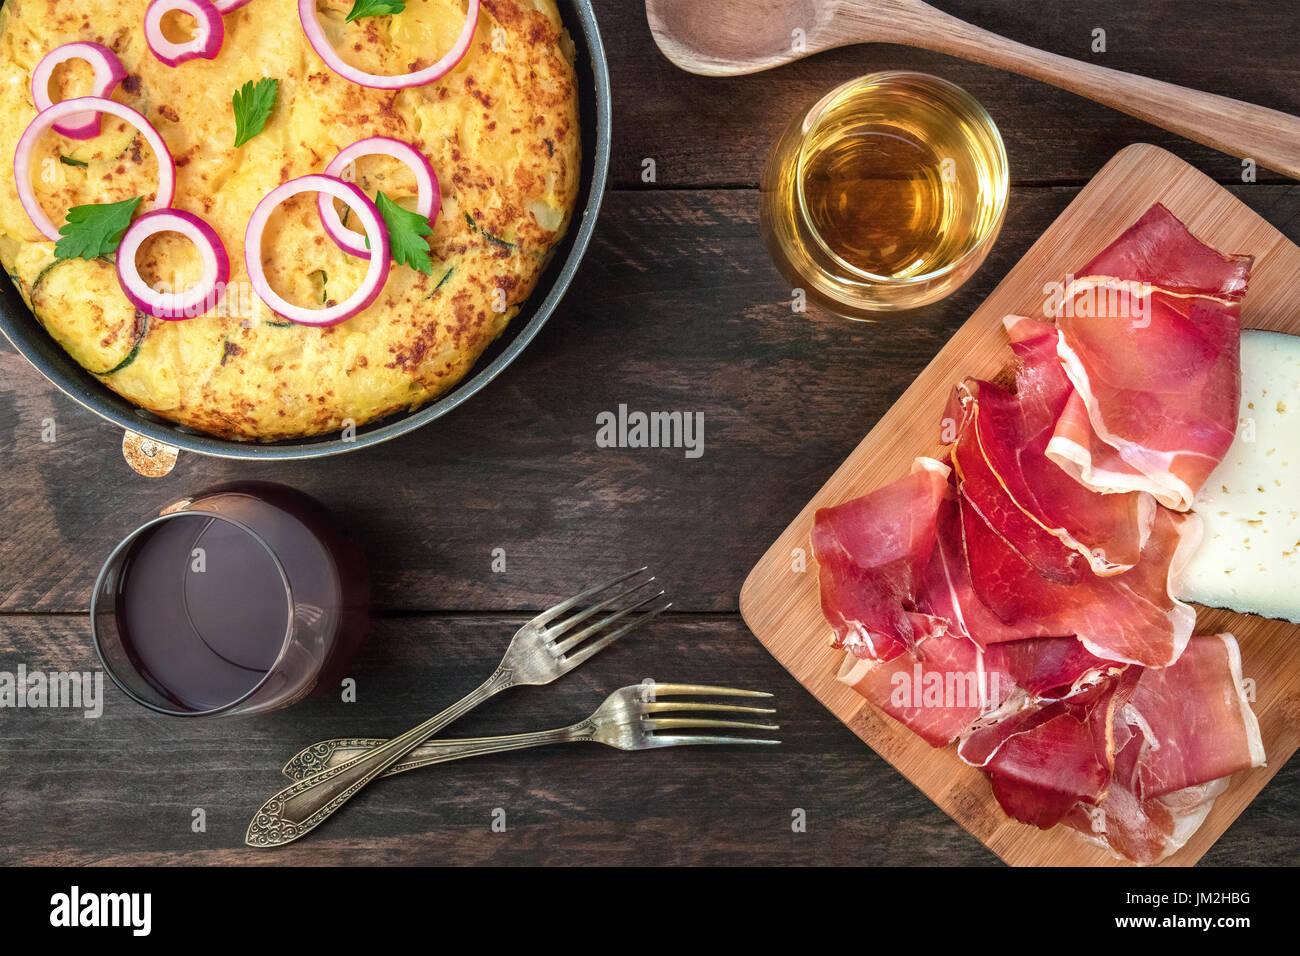 Tortilla de patatas en la tortillera, con vino, jamón y queso Imagen De Stock